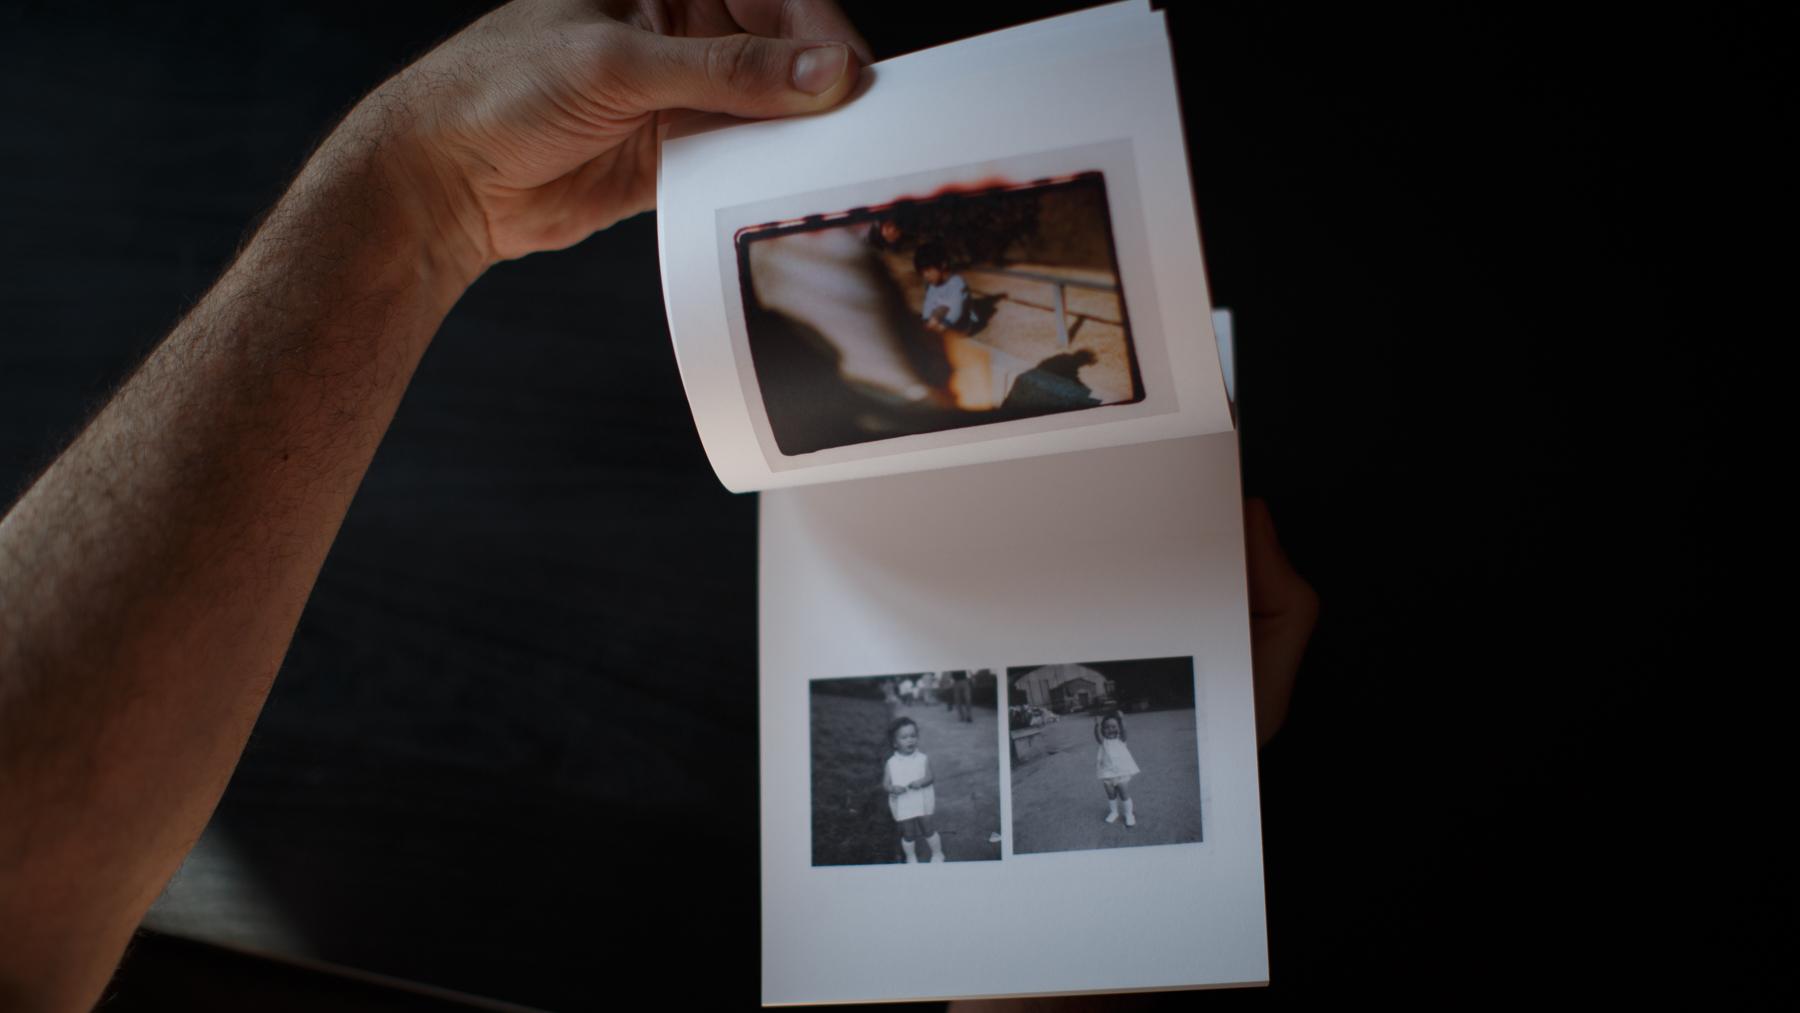 livro_ponte_dourada_sobre_rio_noturno-21.jpg